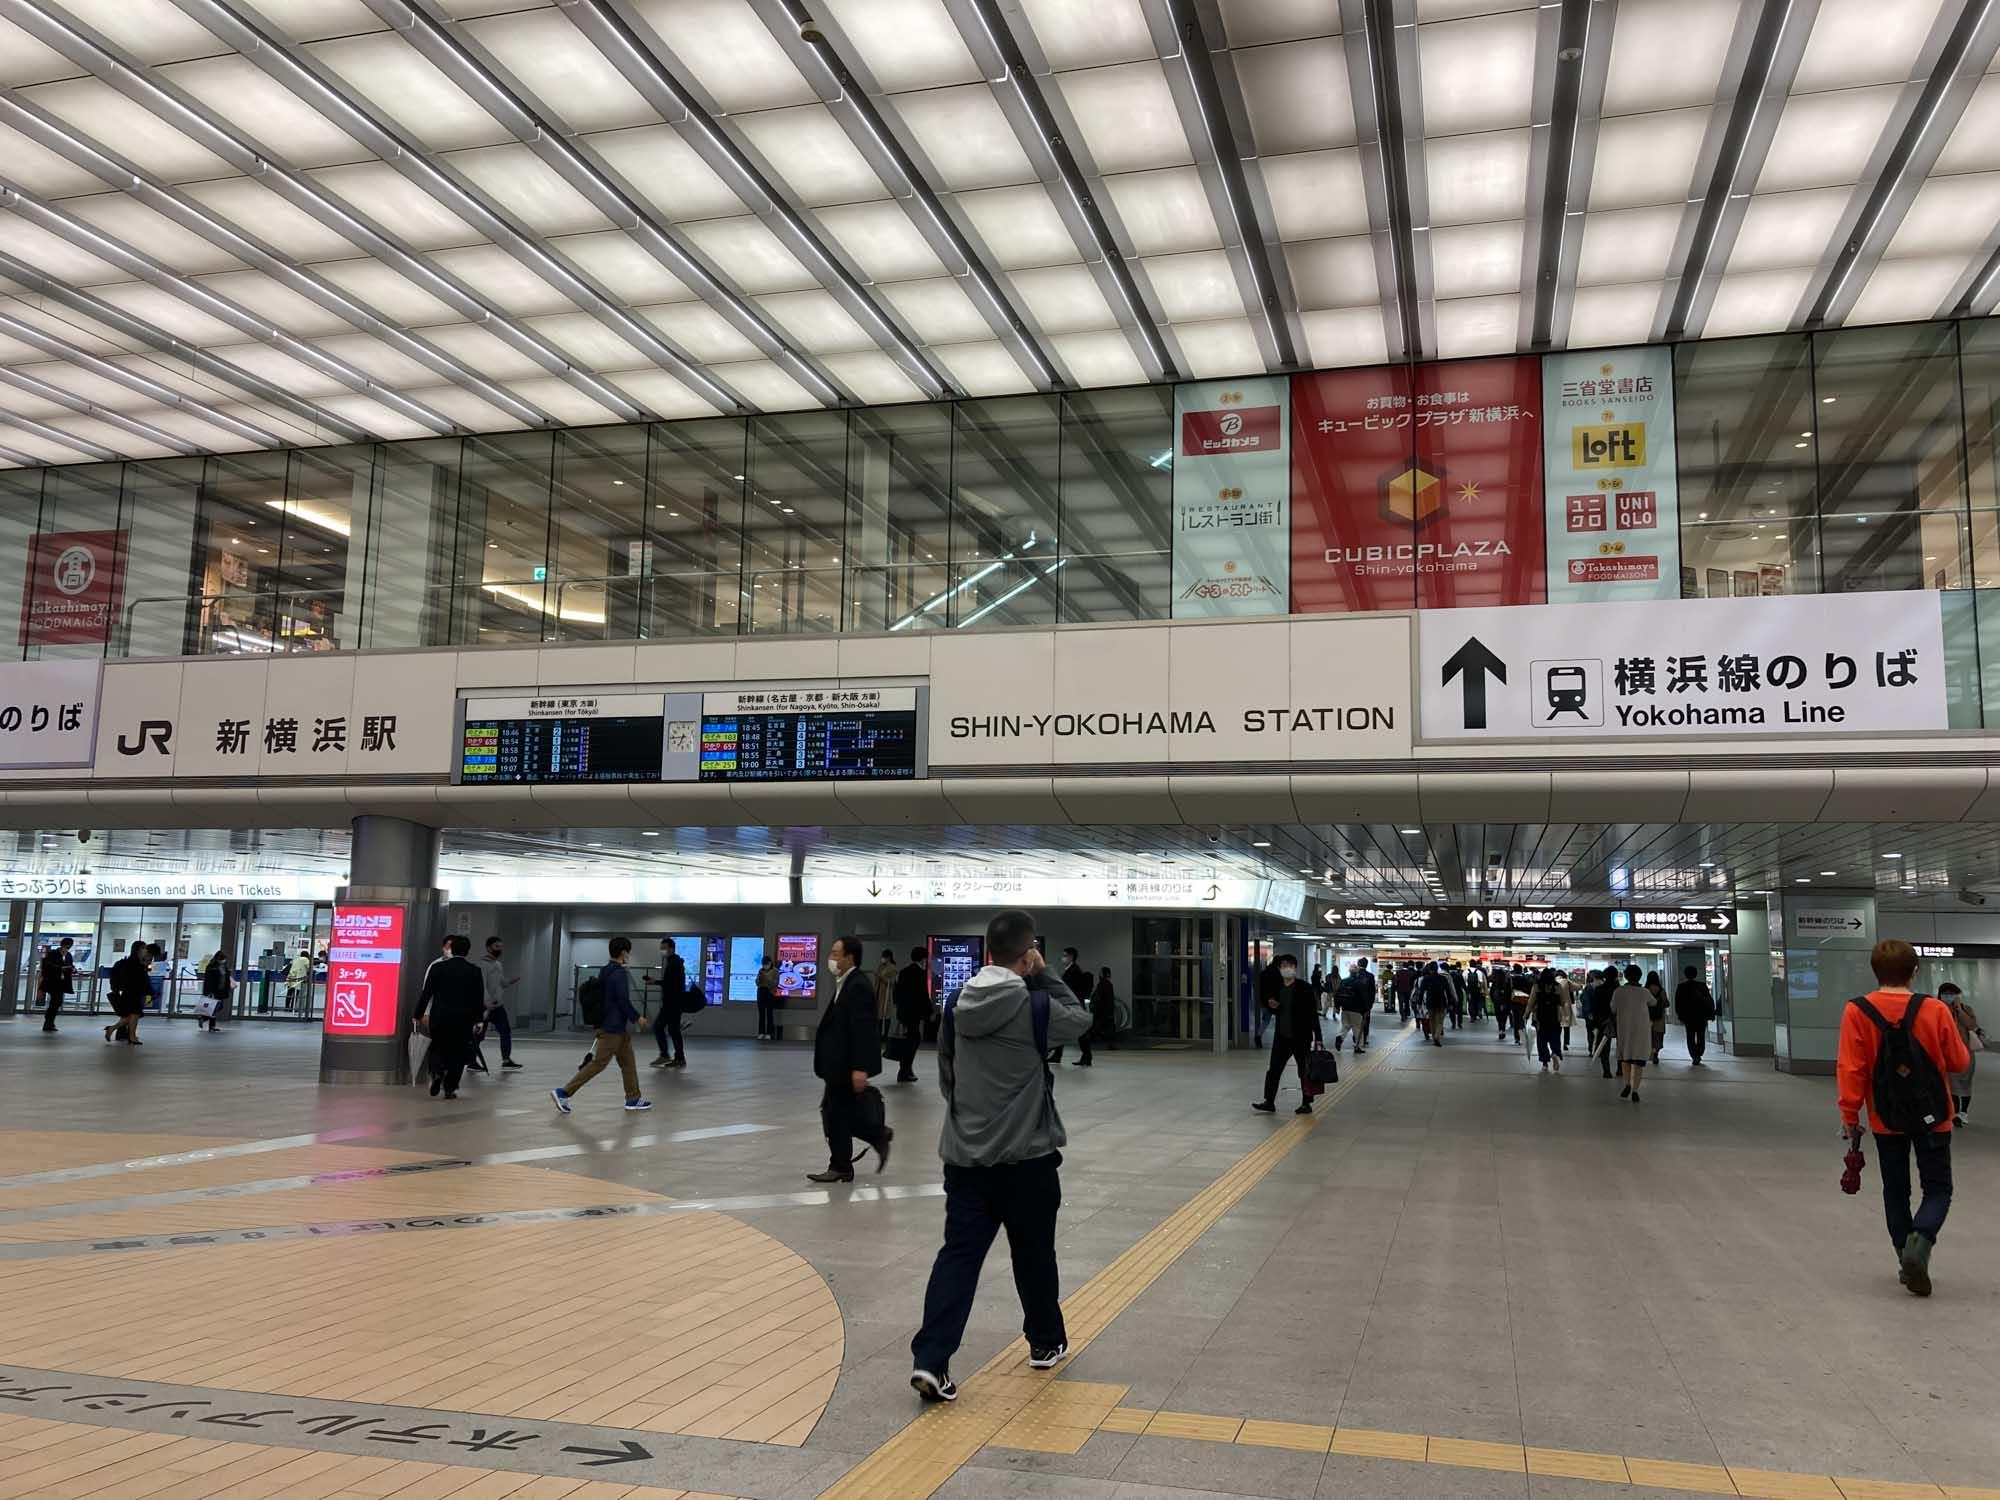 おなじみの新幹線改札フロア。JR横浜線、地下鉄ブルーラインに乗れば横浜や桜木町まで1本で出られる立地でもあり、とても便利ですよね。